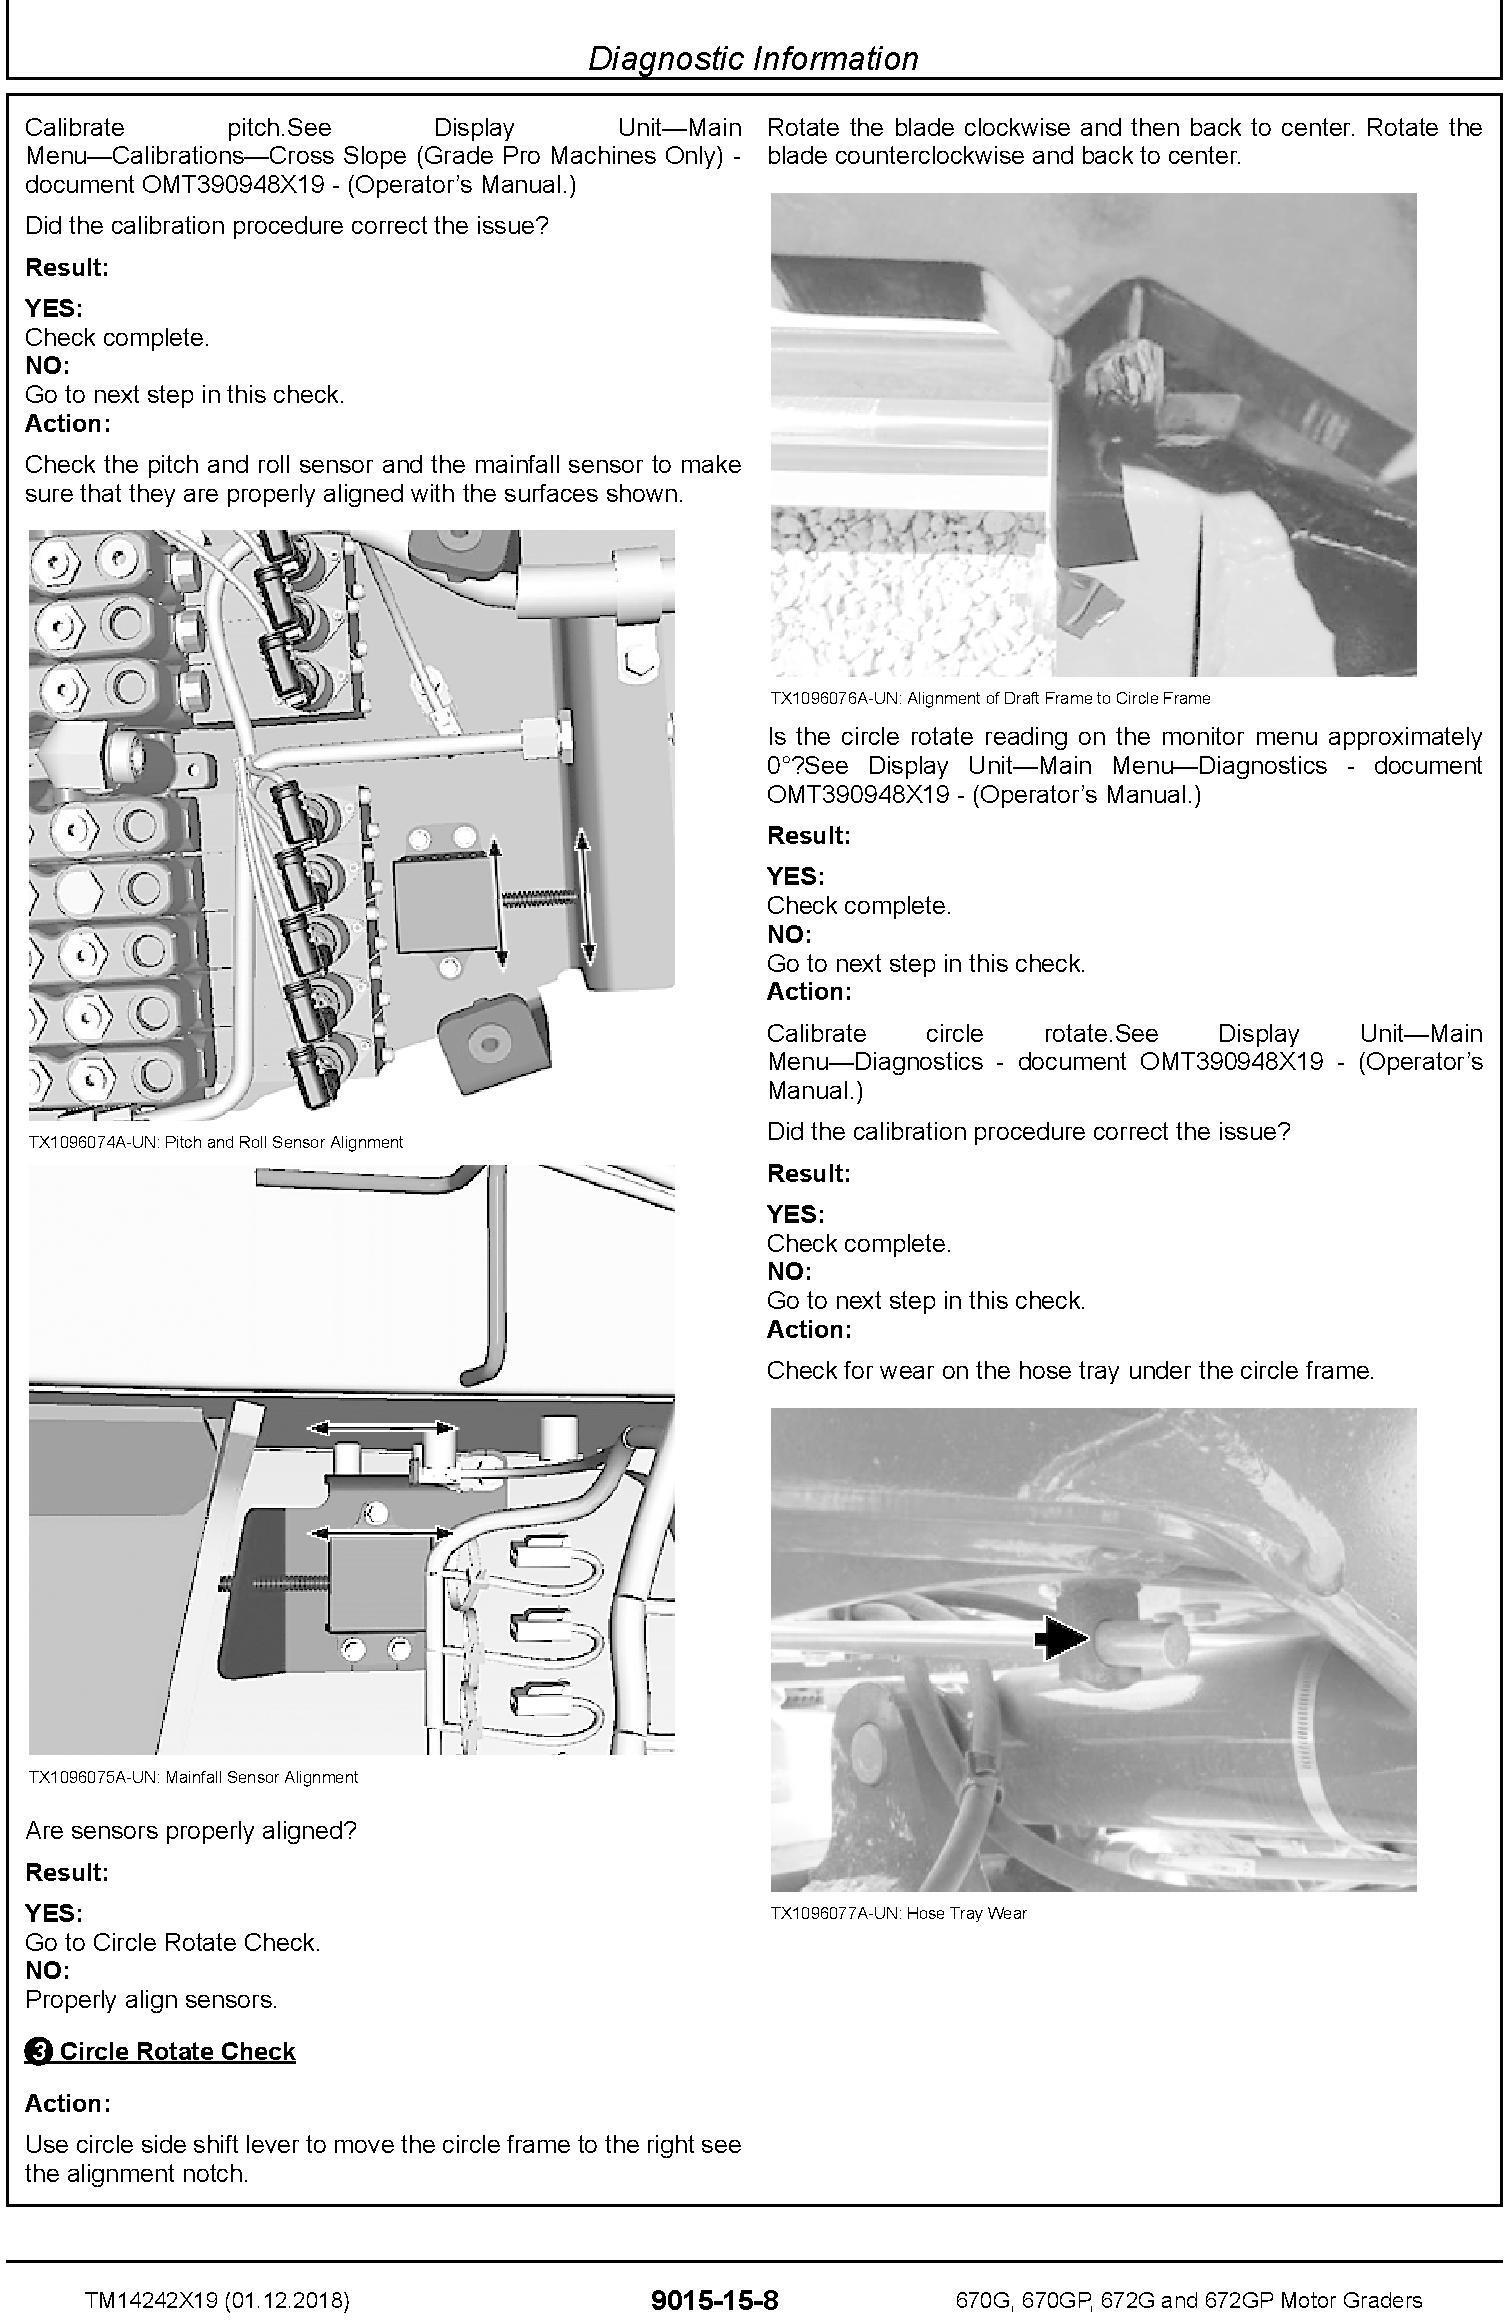 John Deere 670G,670GP, 672G,672GP (SN.F680878-,L700954) Motor Graders Diagnostic Manual (TM14242X19) - 2